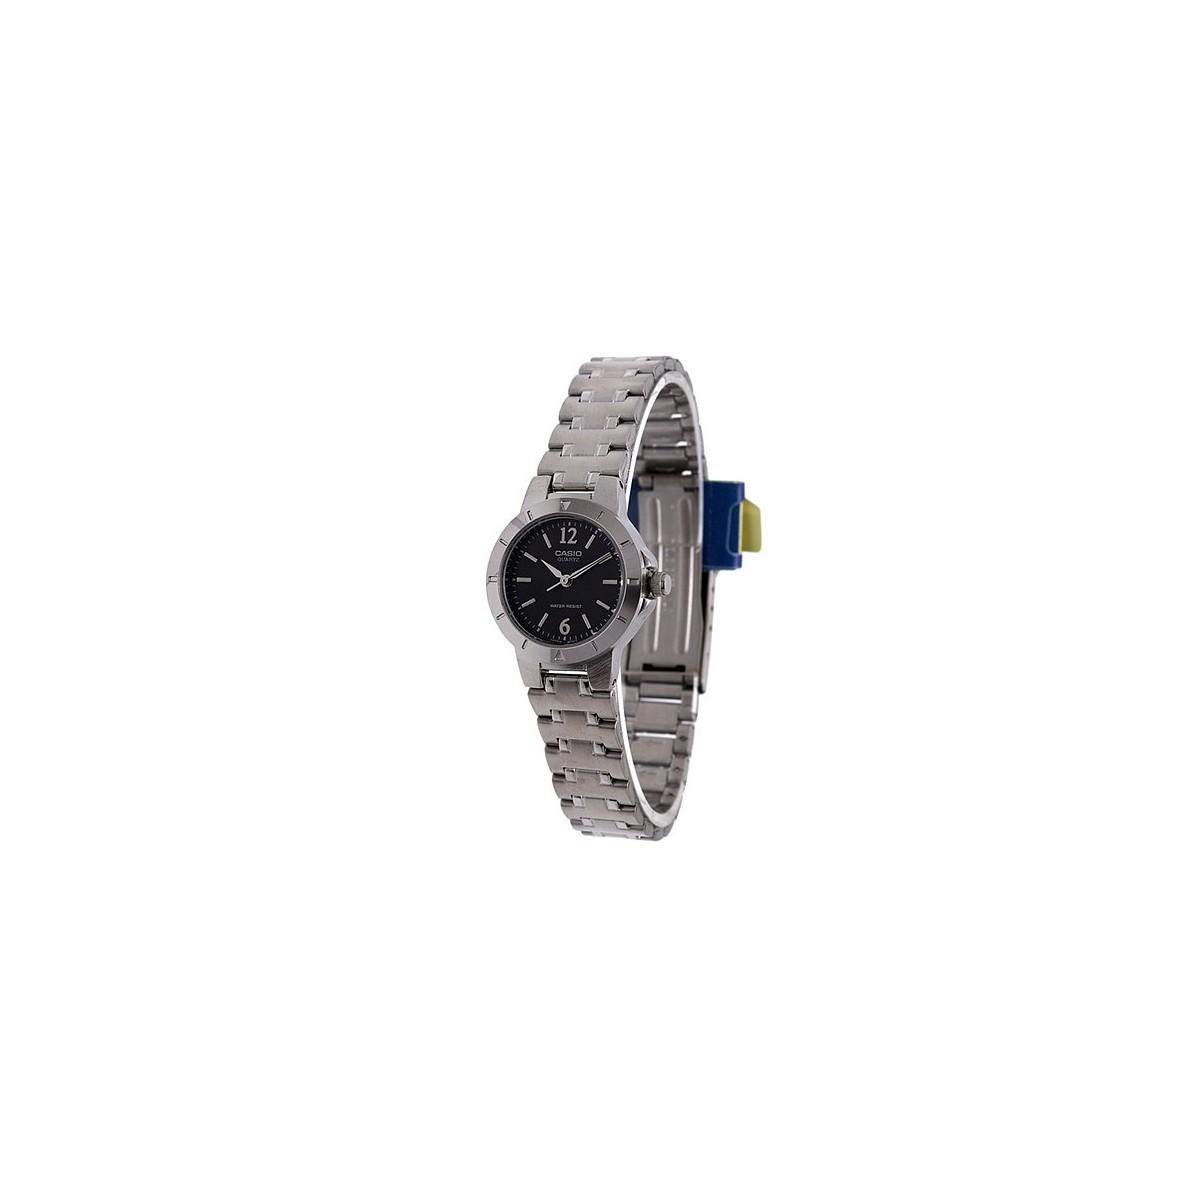 https://www.gaberjoyeria.com/3450-thickbox_default/reloj-casio-mujer.jpg